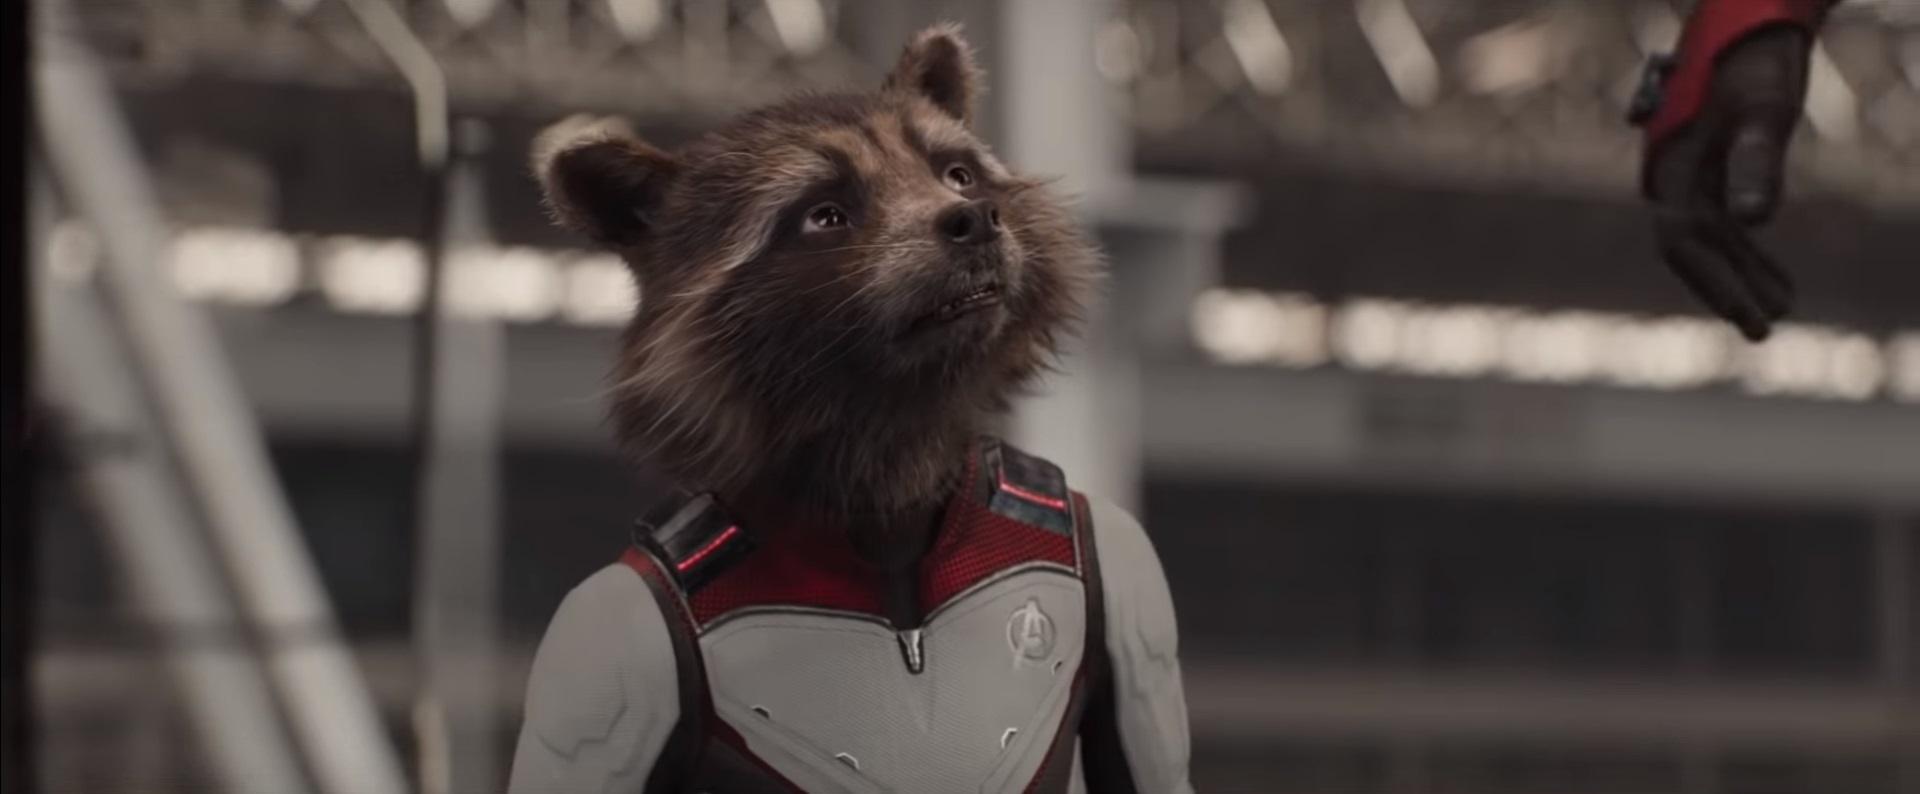 Avengers: Koniec gry - budżet na promocję jest rekordowy. Podano kwotę